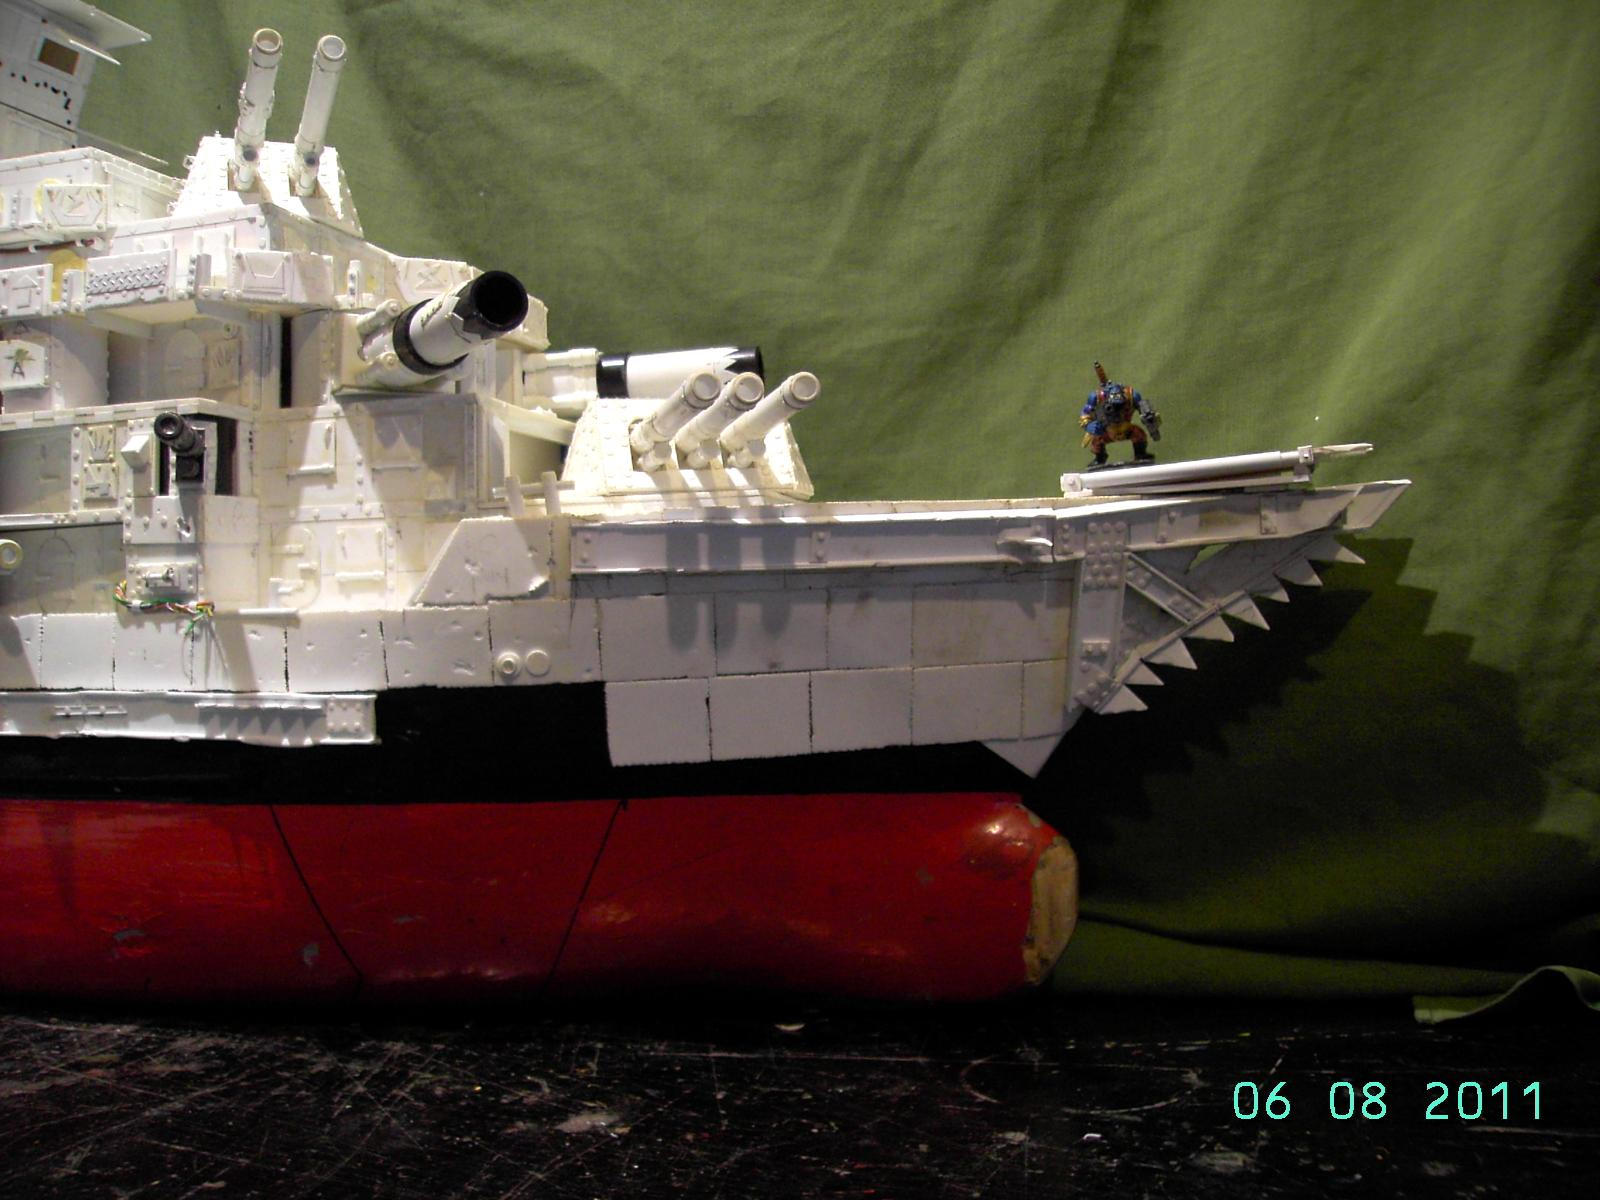 Battleship, Broadsides, Cradle, Deathroller, Orks, Ram, Warship